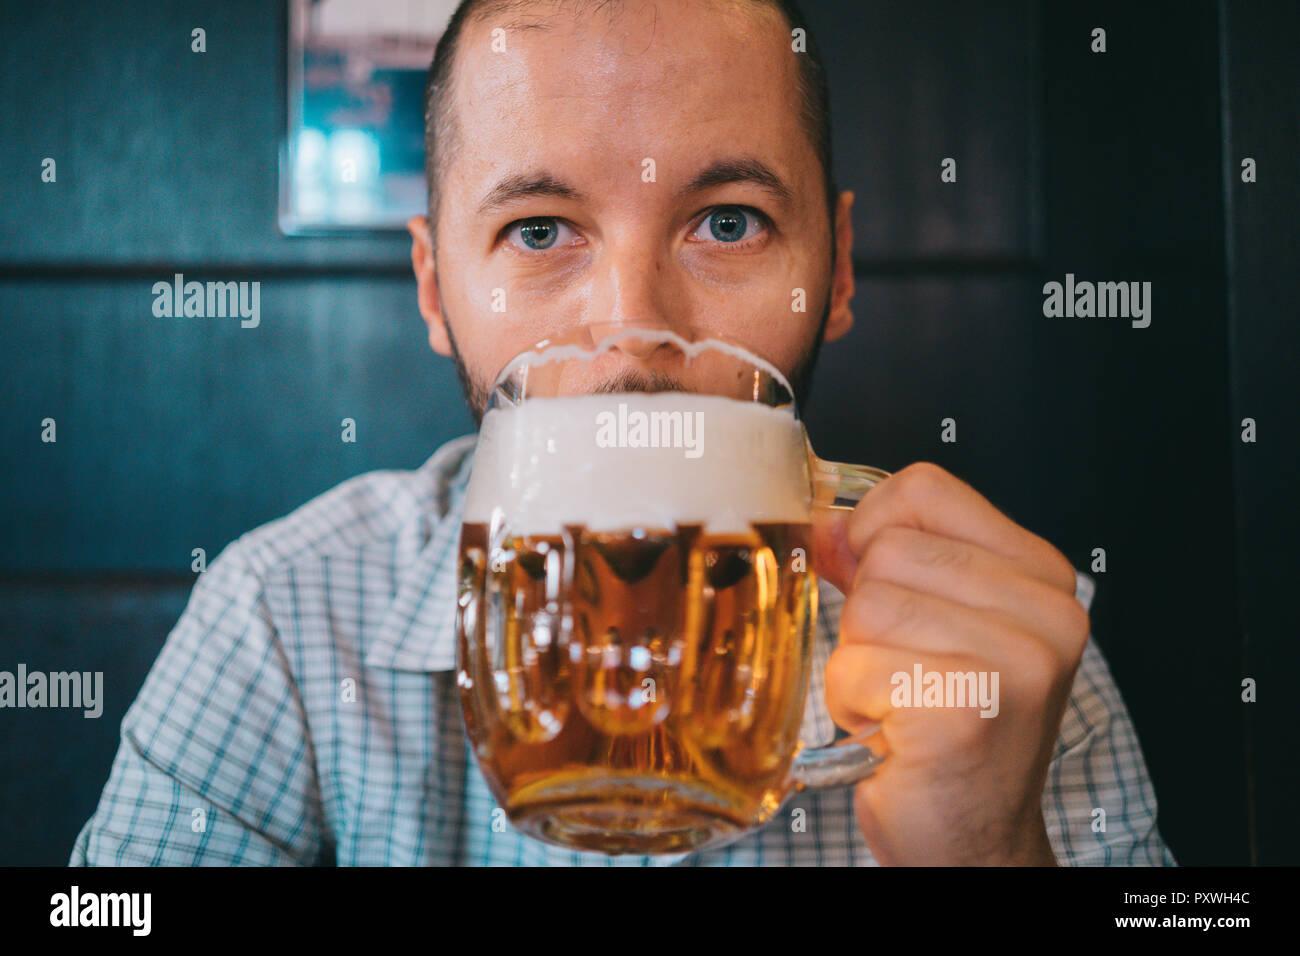 Cechia, ritratto di uomo a bere birra in un pub Immagini Stock